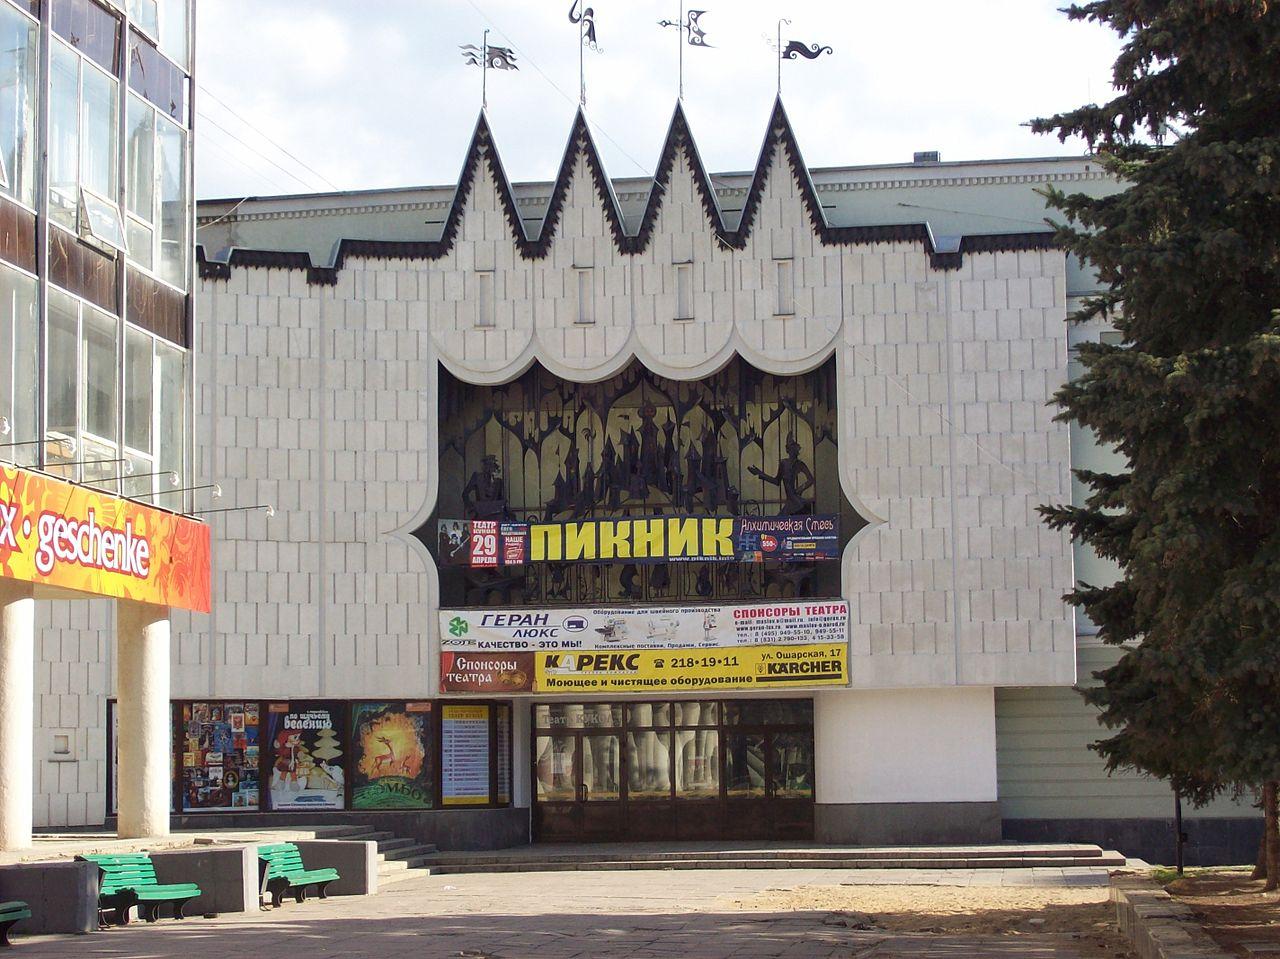 Стоимость билетов в кукольный театр нижний новгород кокшетау театр билет